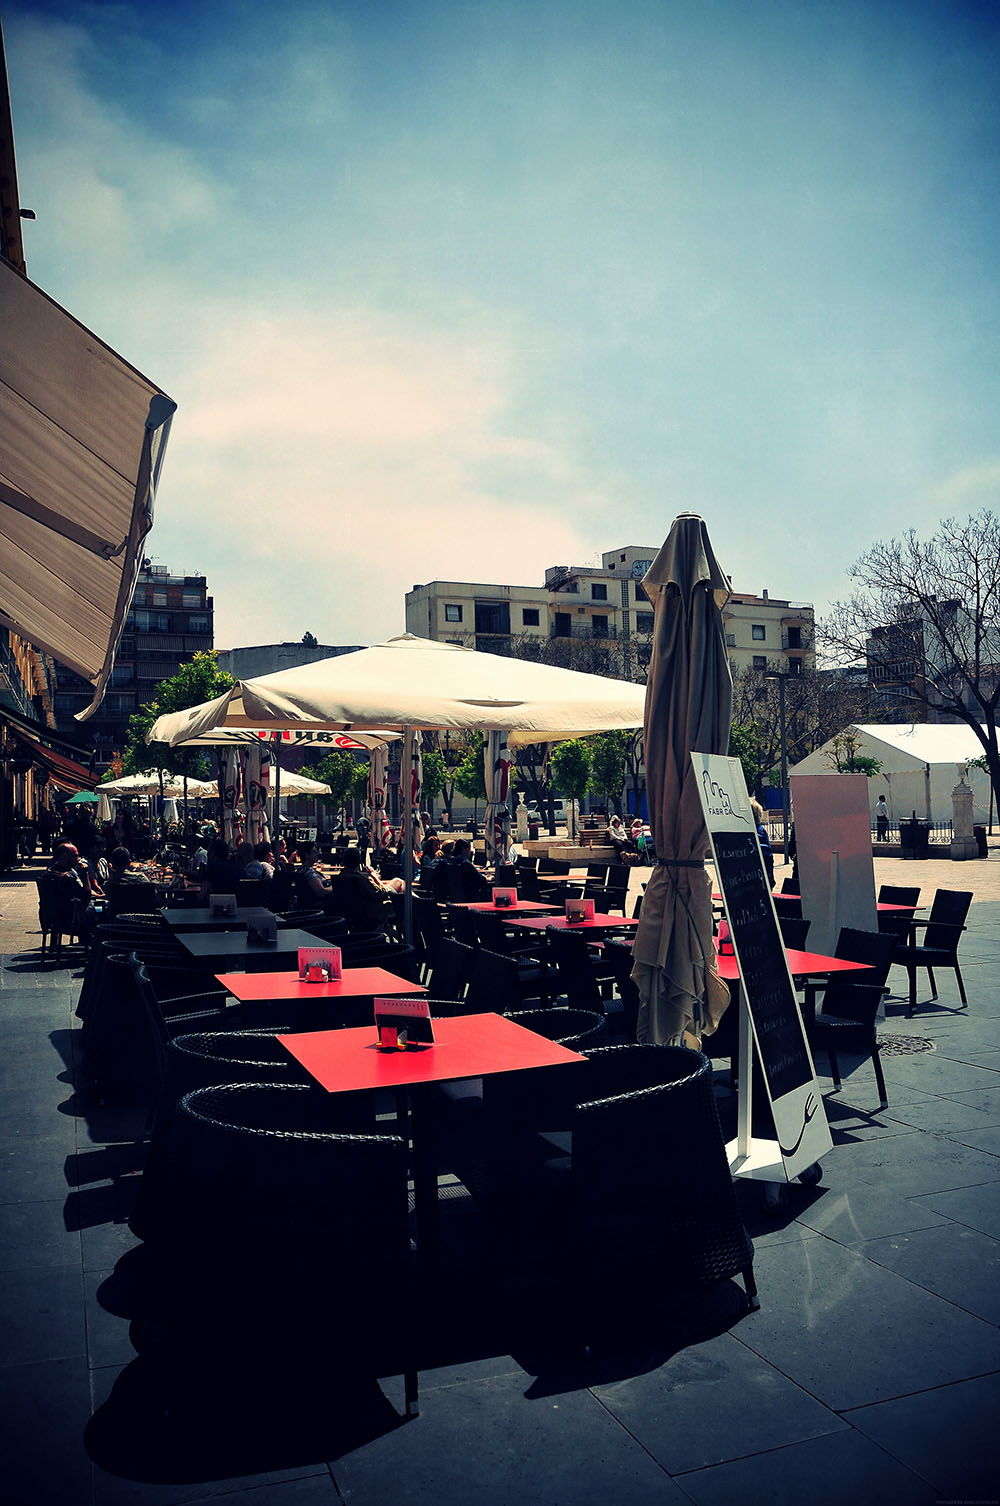 Place de la Merced Malaga